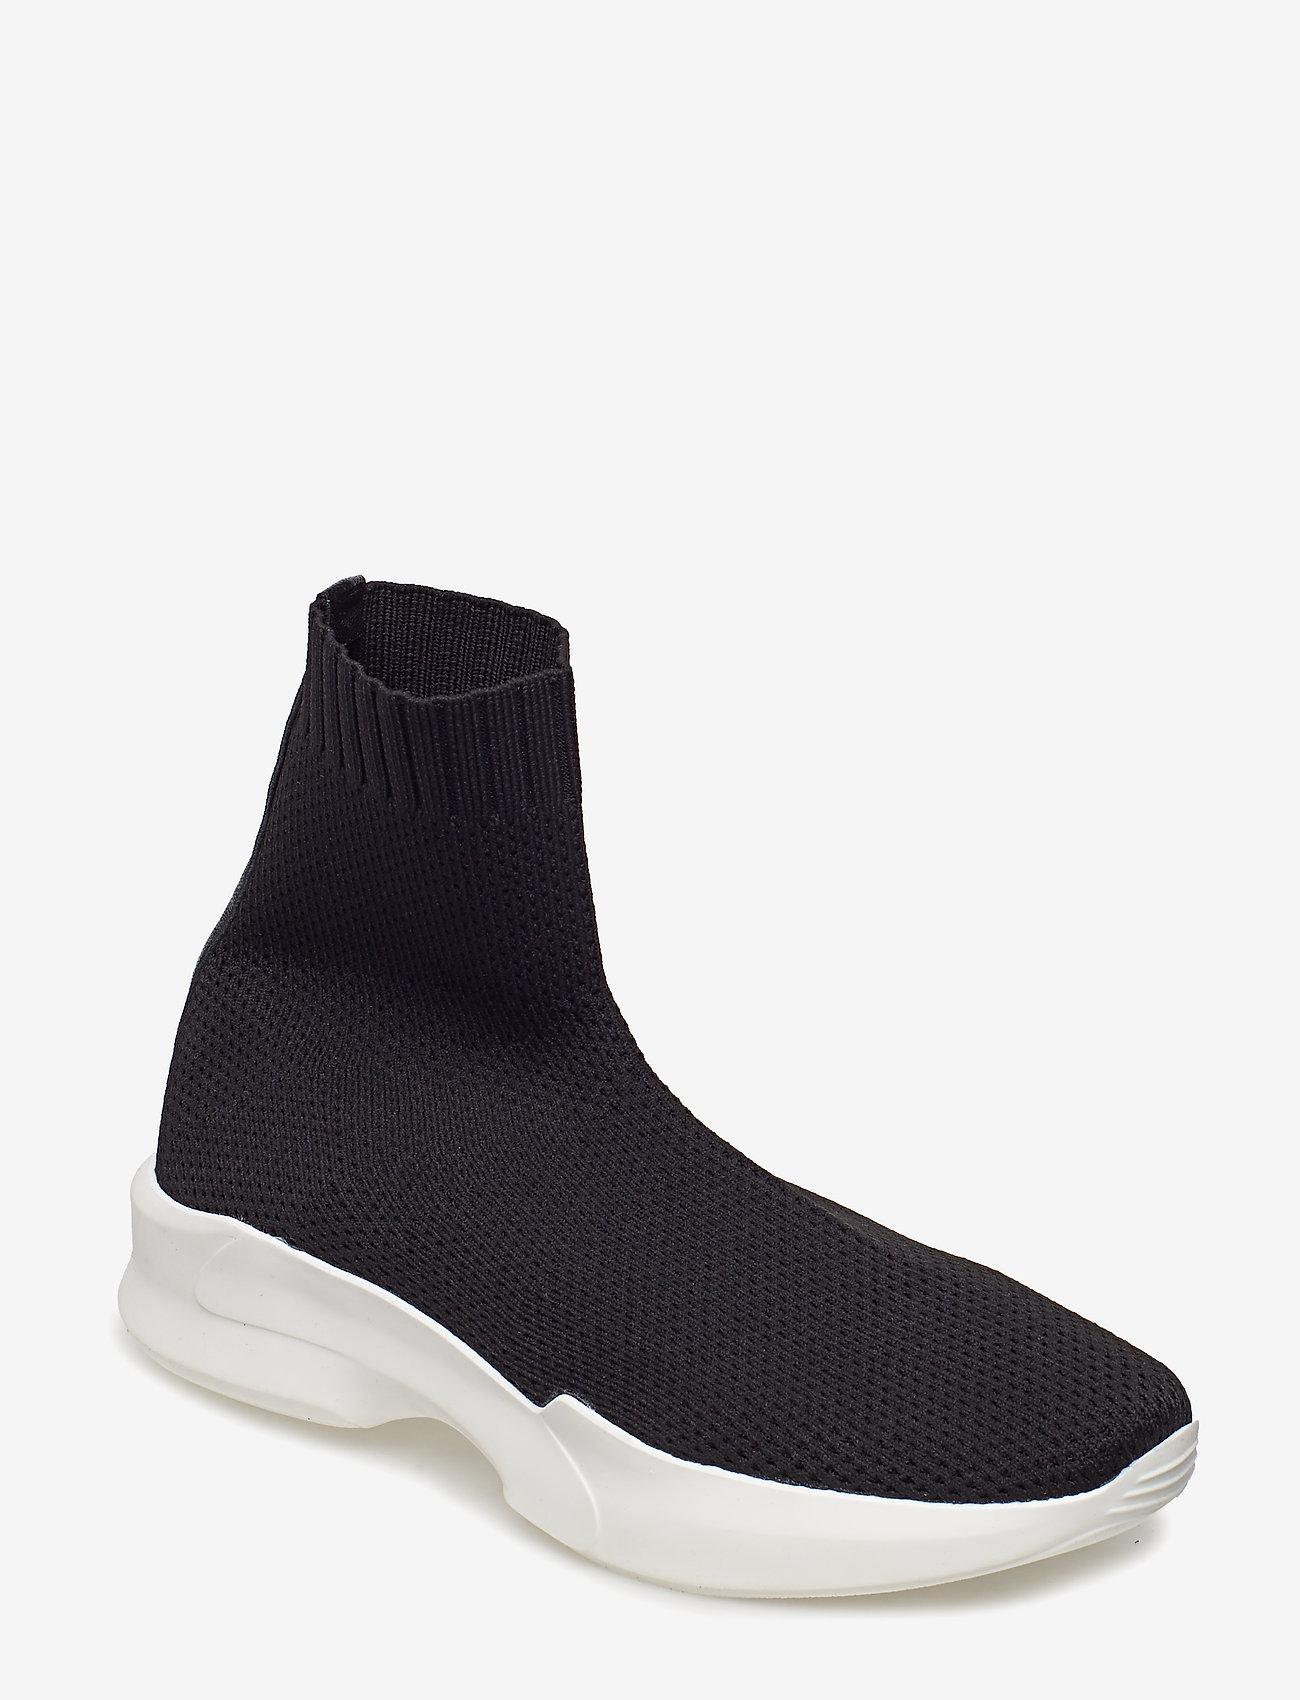 Twist & Tango - Ilma Sneakers Black - hoge sneakers - black - 0